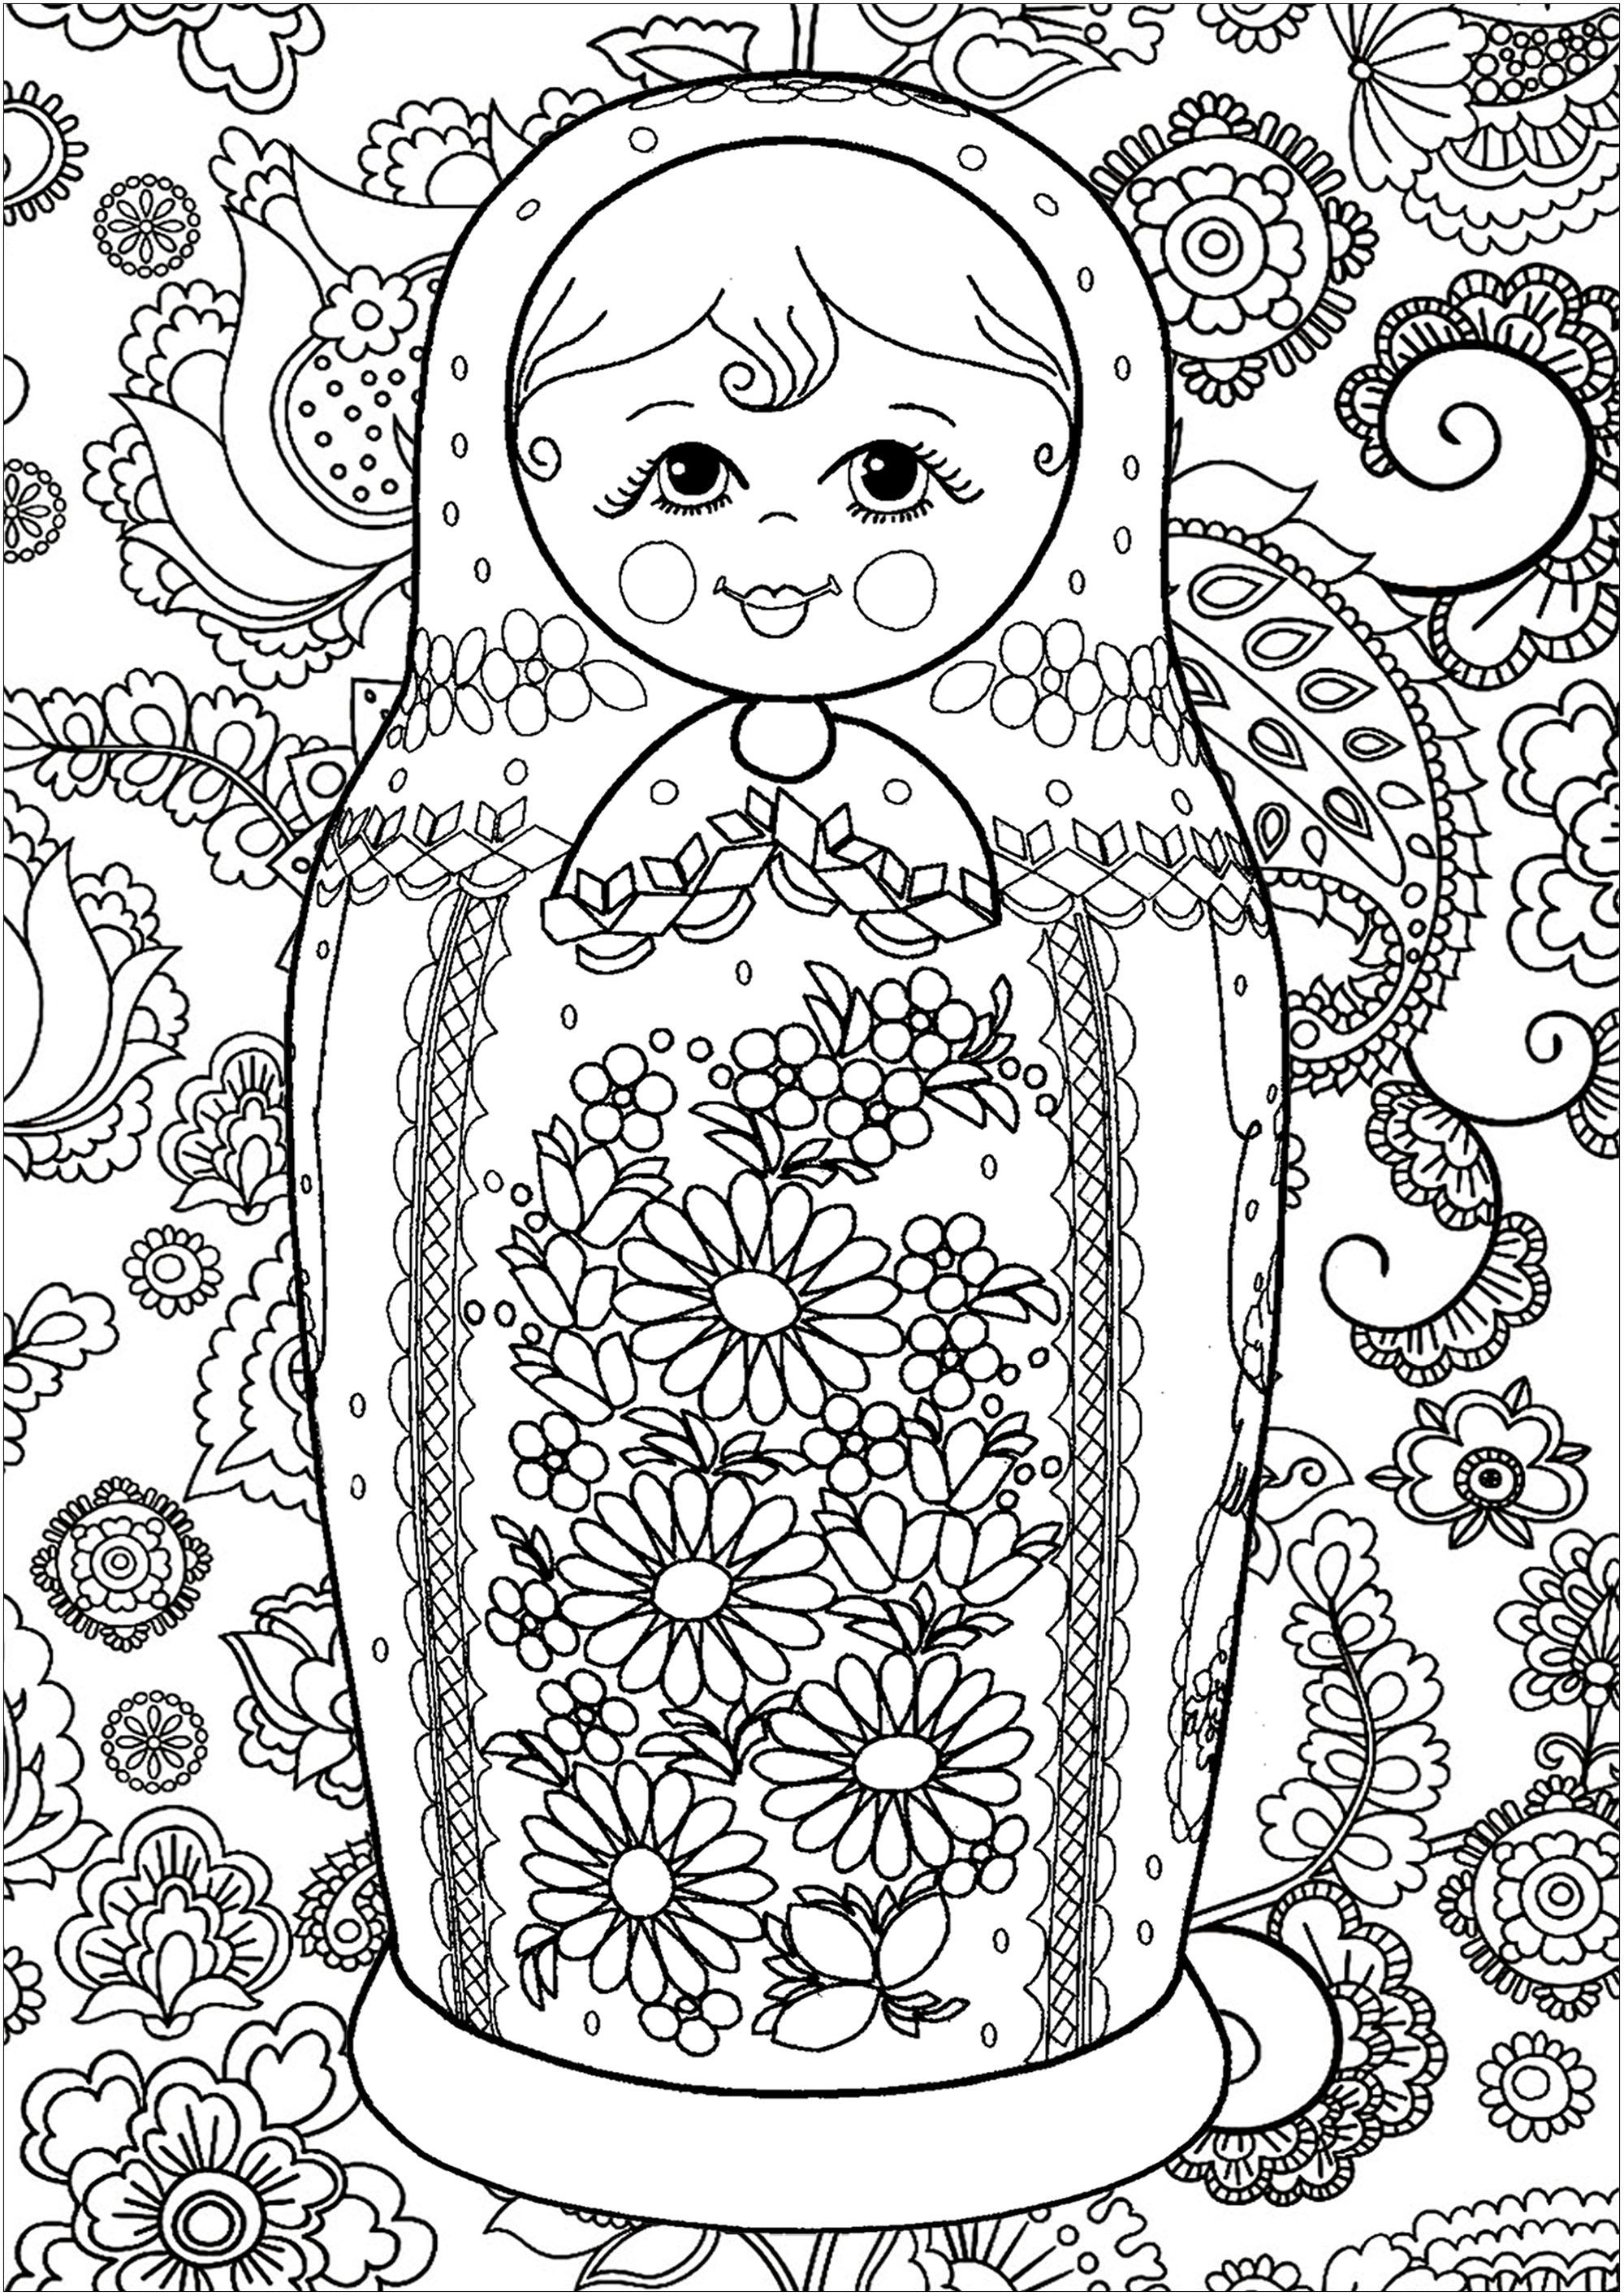 Une poupée russe originale avec éléments fleuris à l'intérieur et à l'extérieur